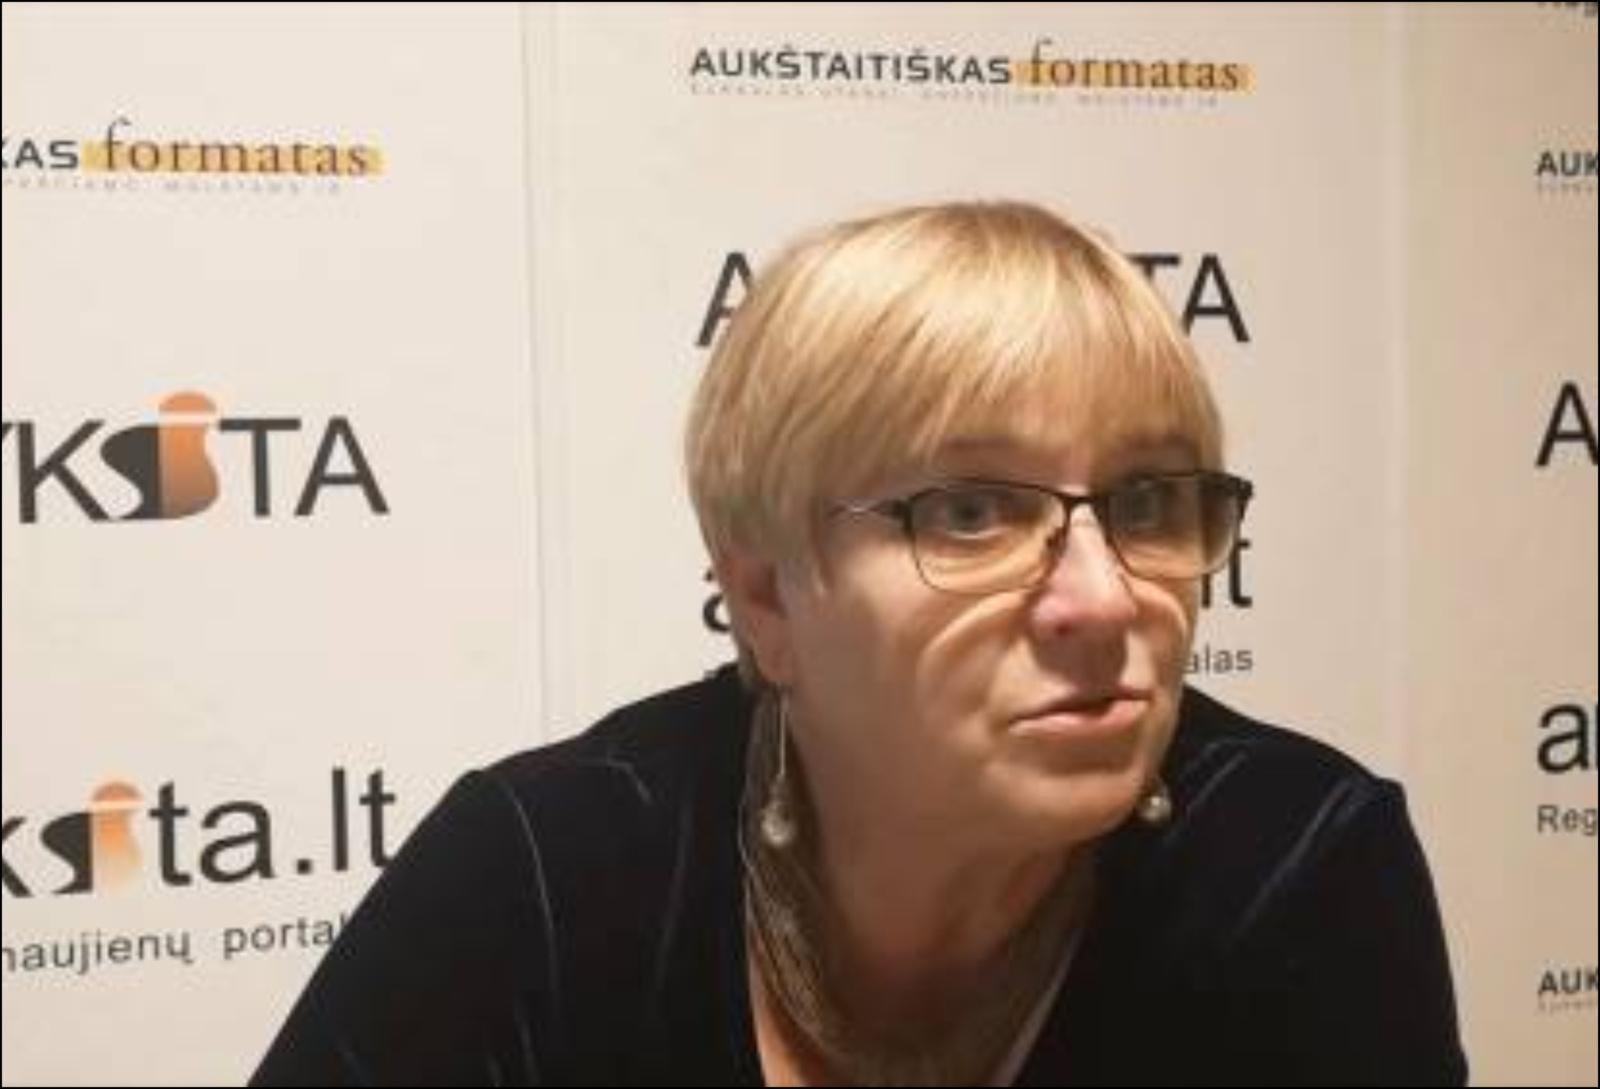 Dangira Nefienė siūloma vadovauti Etikos komisijai